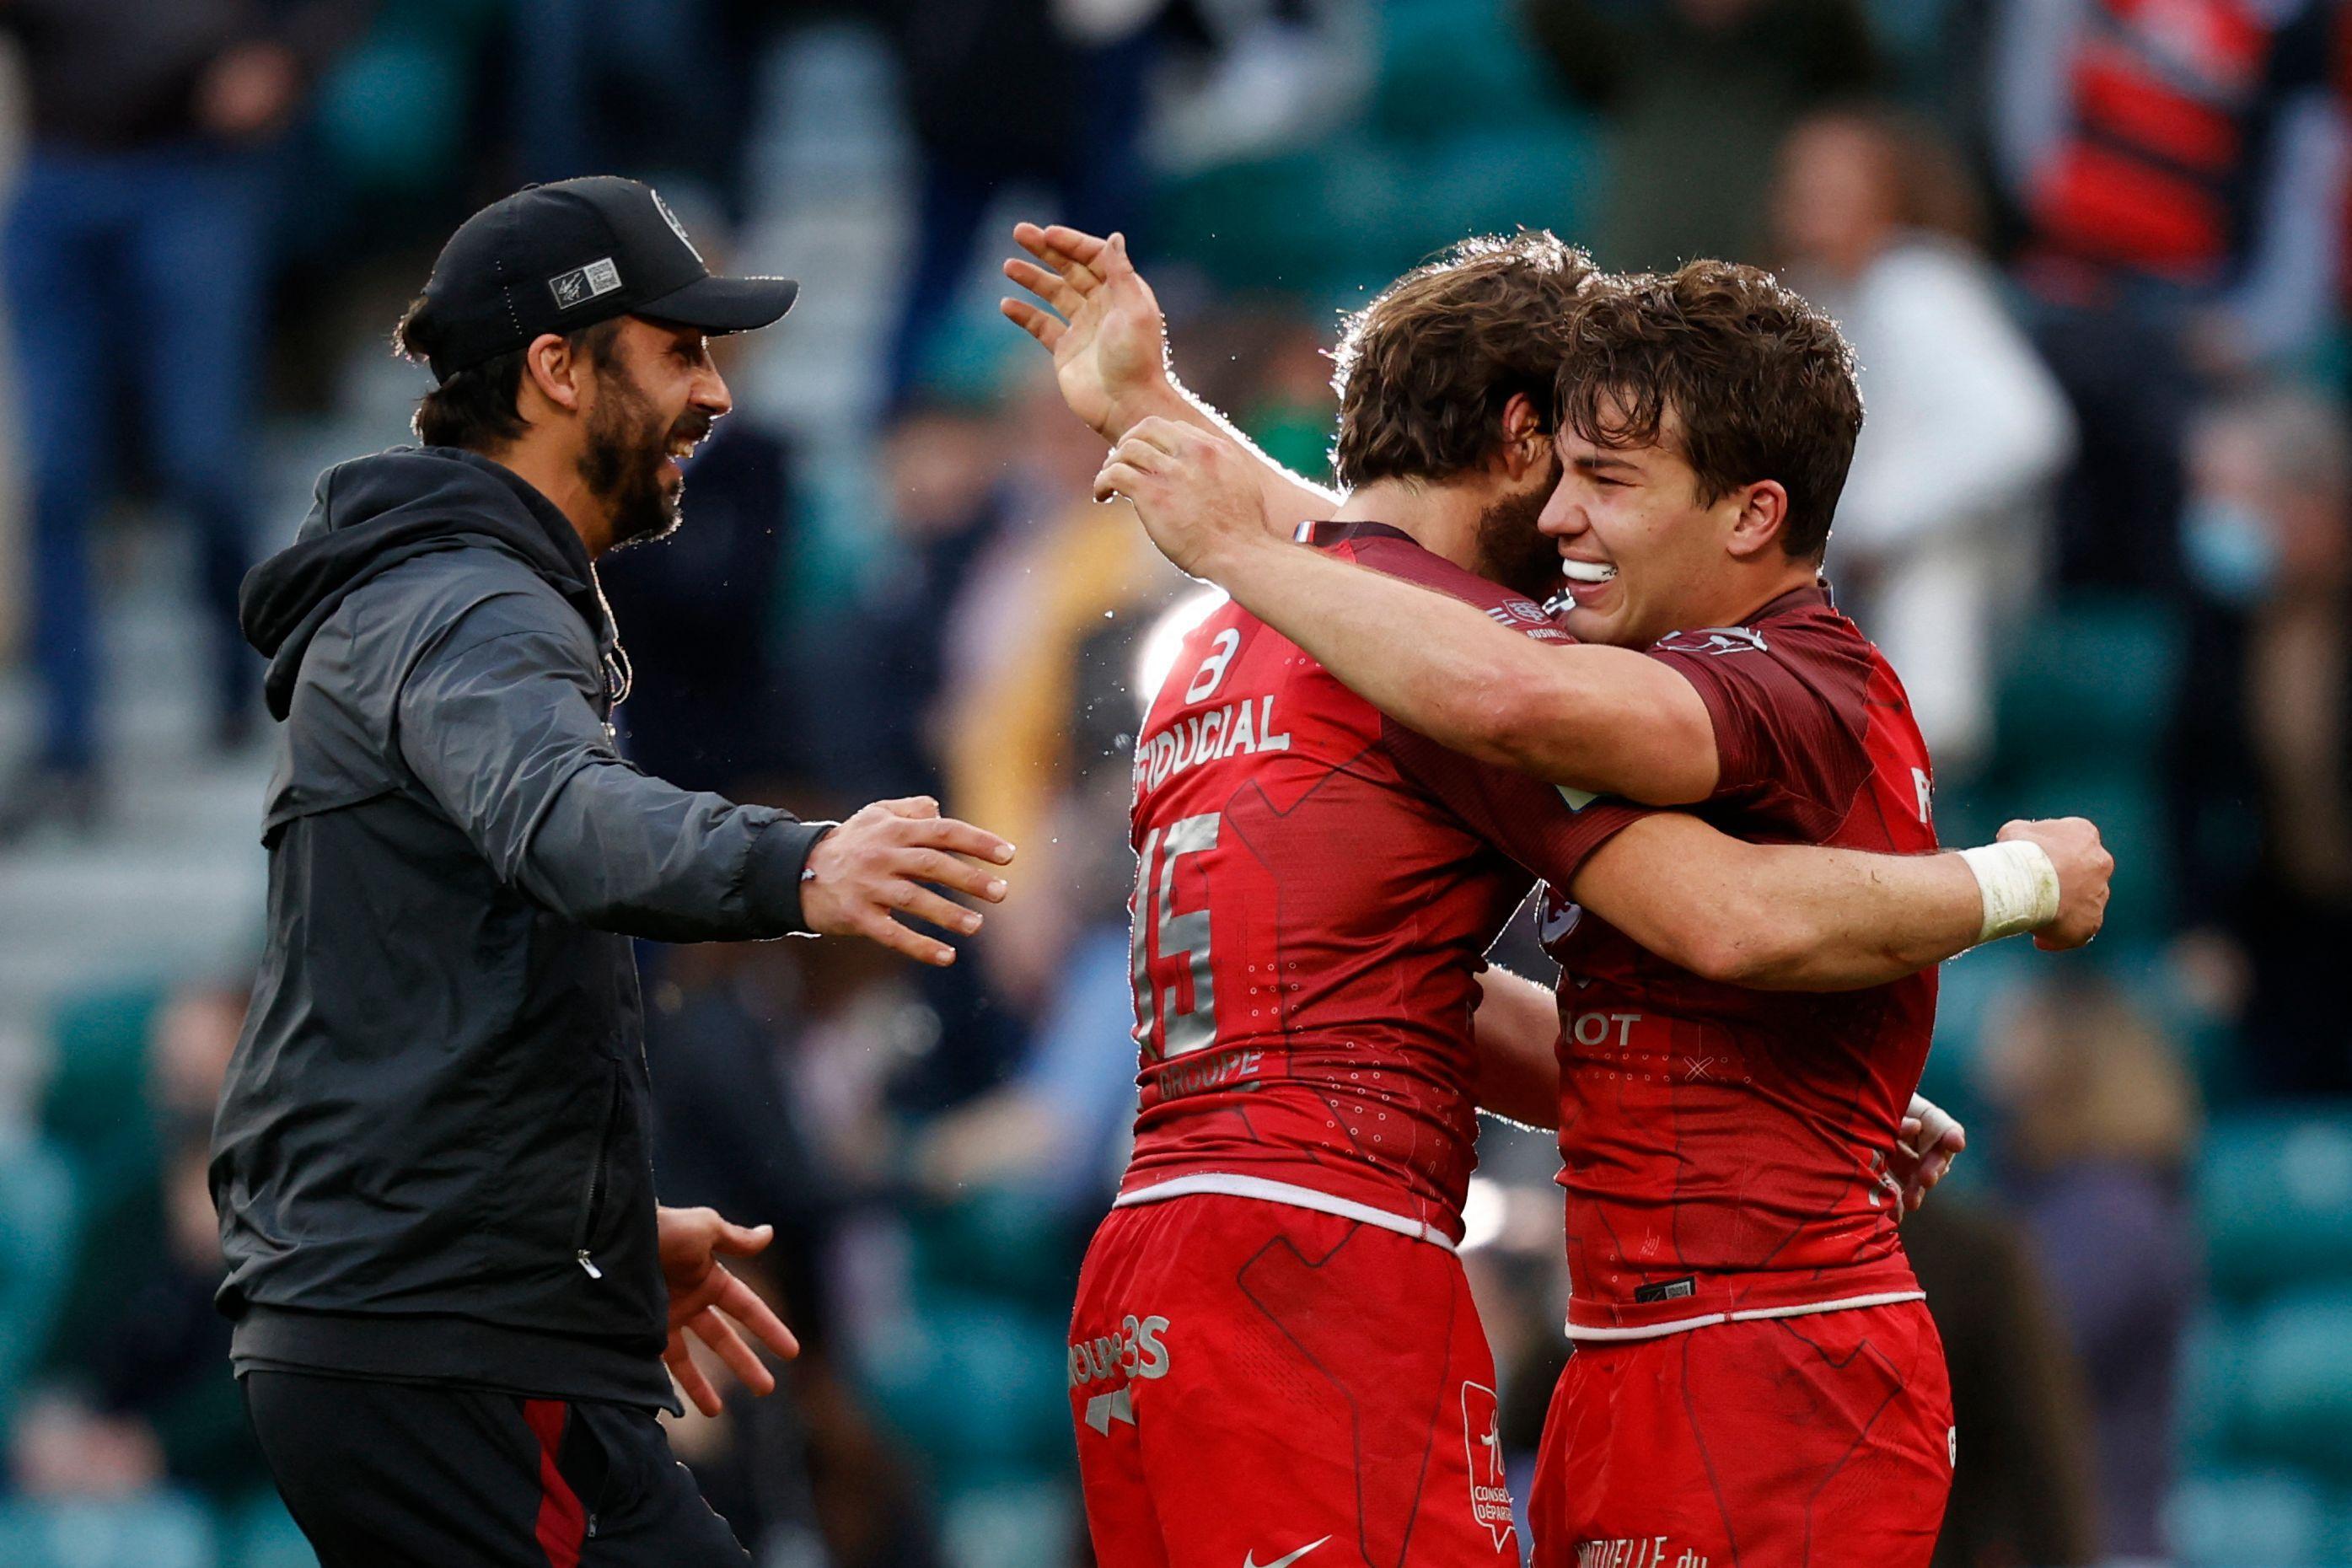 La joie de Clément Poitrenaud, Maxime Médard et Antoine Dupont après la victoire du Stade Toulousain en finale de la Coupe d'Europe de rugby contre La Rochelle, le 22 mai 2021 à Twickenham